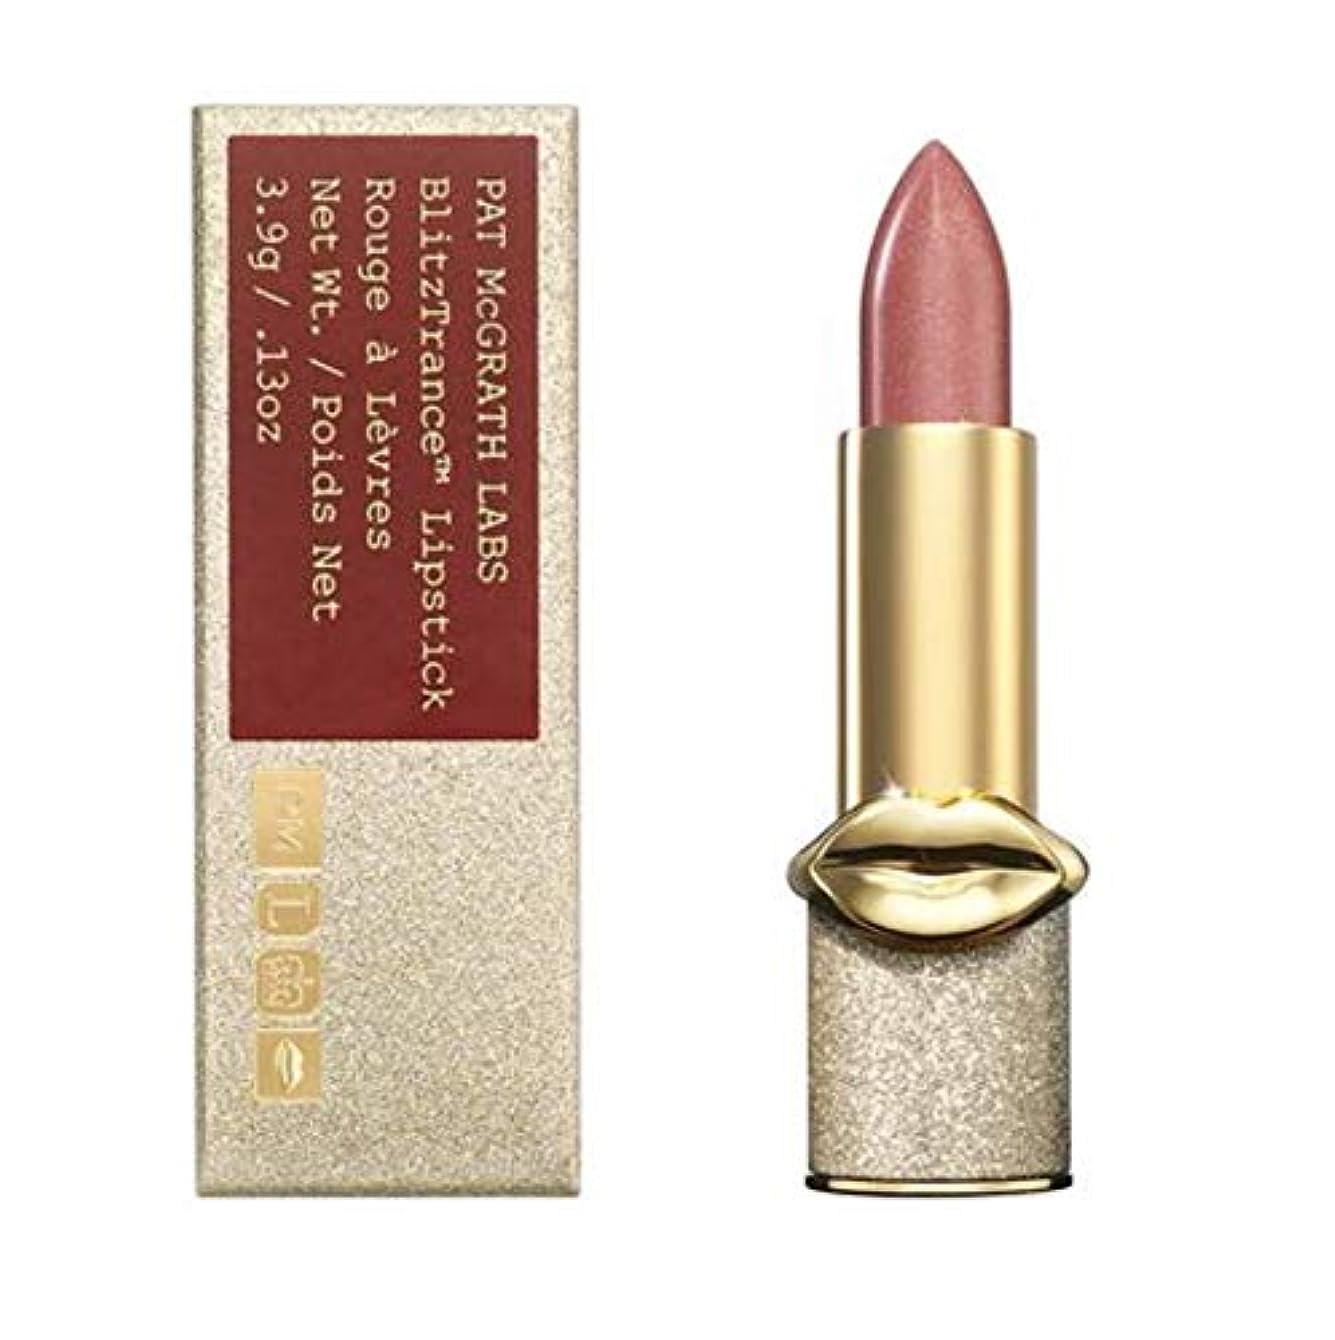 悪質な電話好むPAT MCGRATH LABS BlitzTrance™ Lipstick (Skinsane)